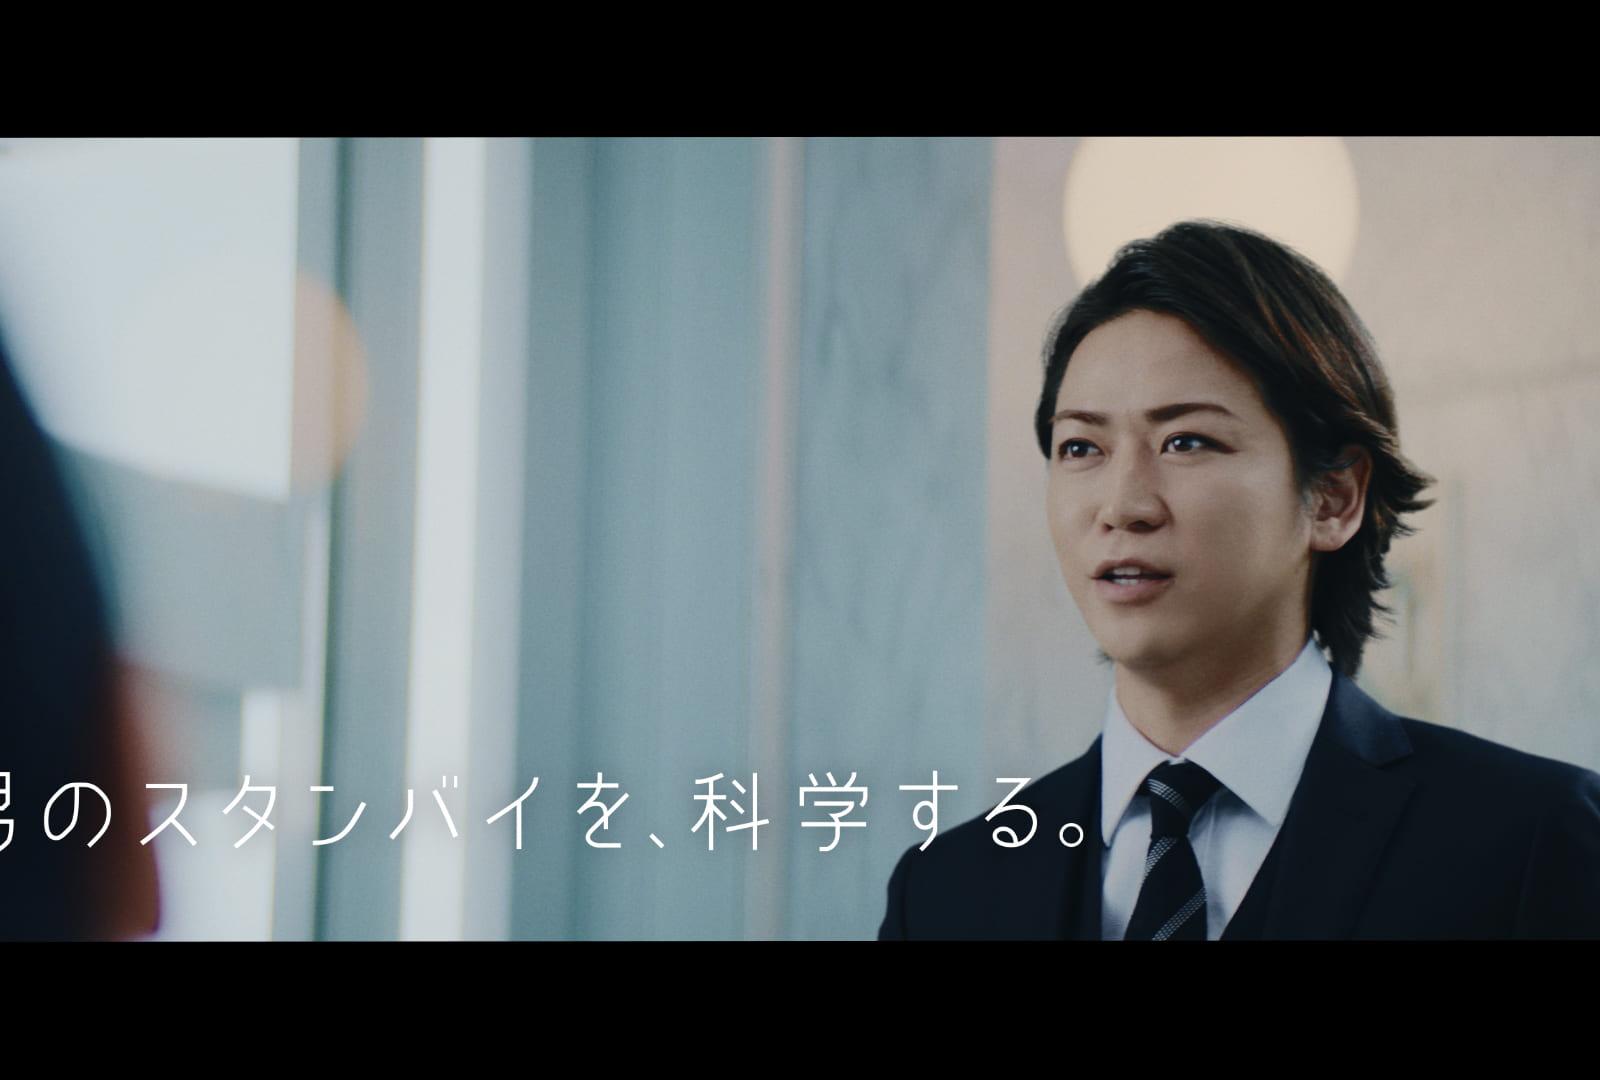 亀梨和也「花王 サクセス」新CMキャラクターに決定